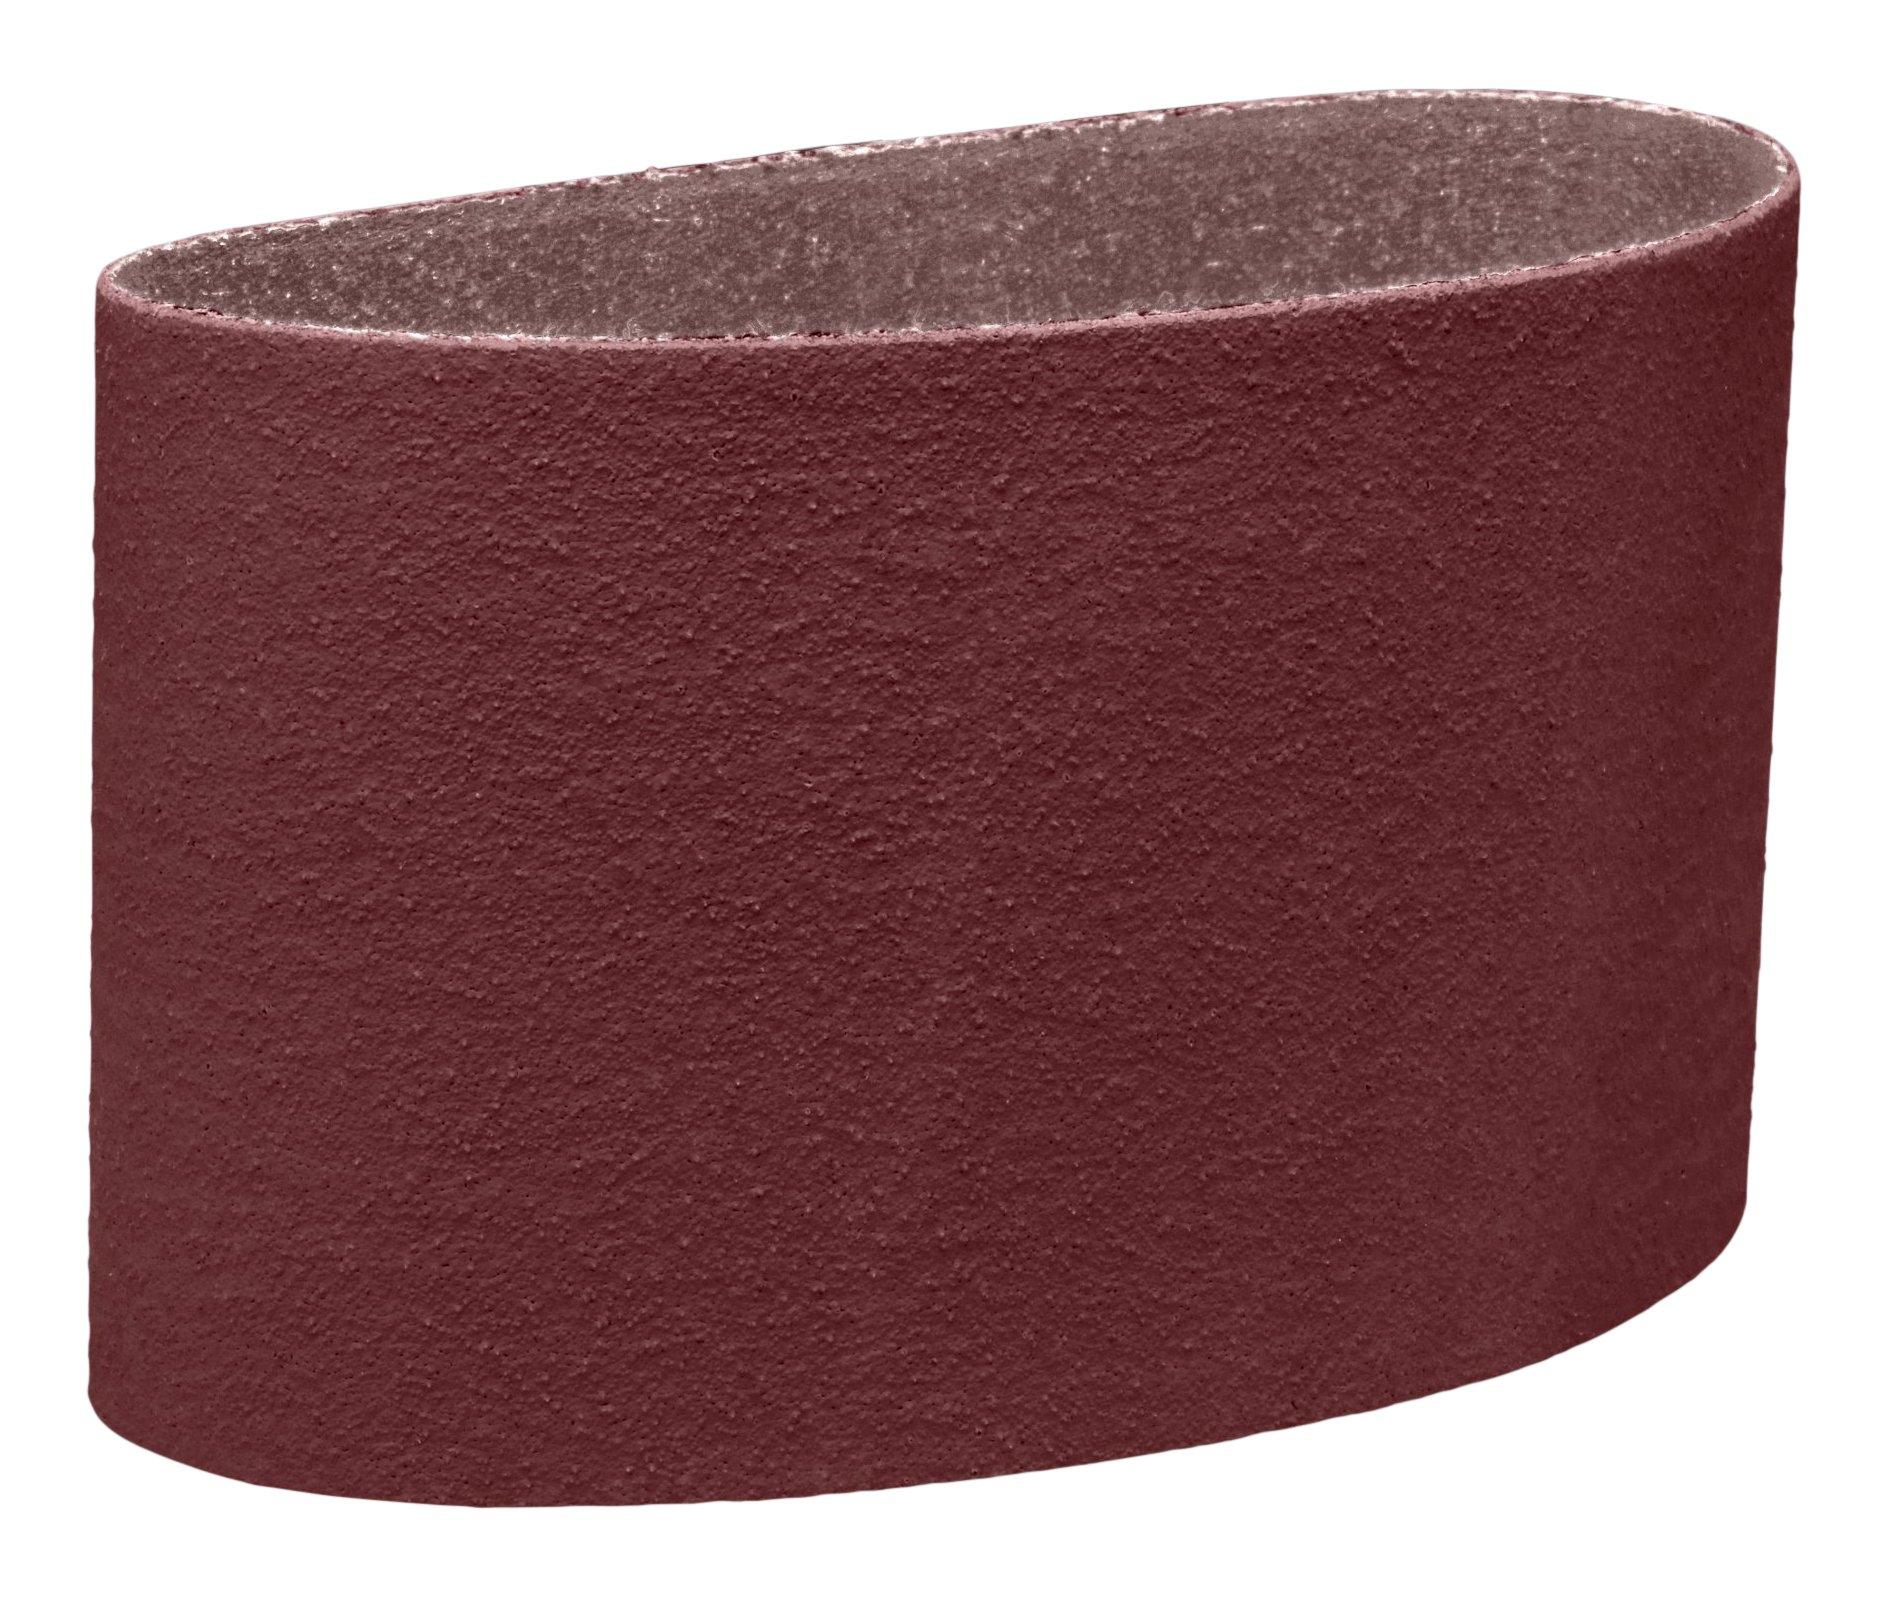 3M 76348-case Cloth Belt 341D, 60 X-Weight, 6'' x 79'', Aluminum Oxide, Brown (Pack of 20)